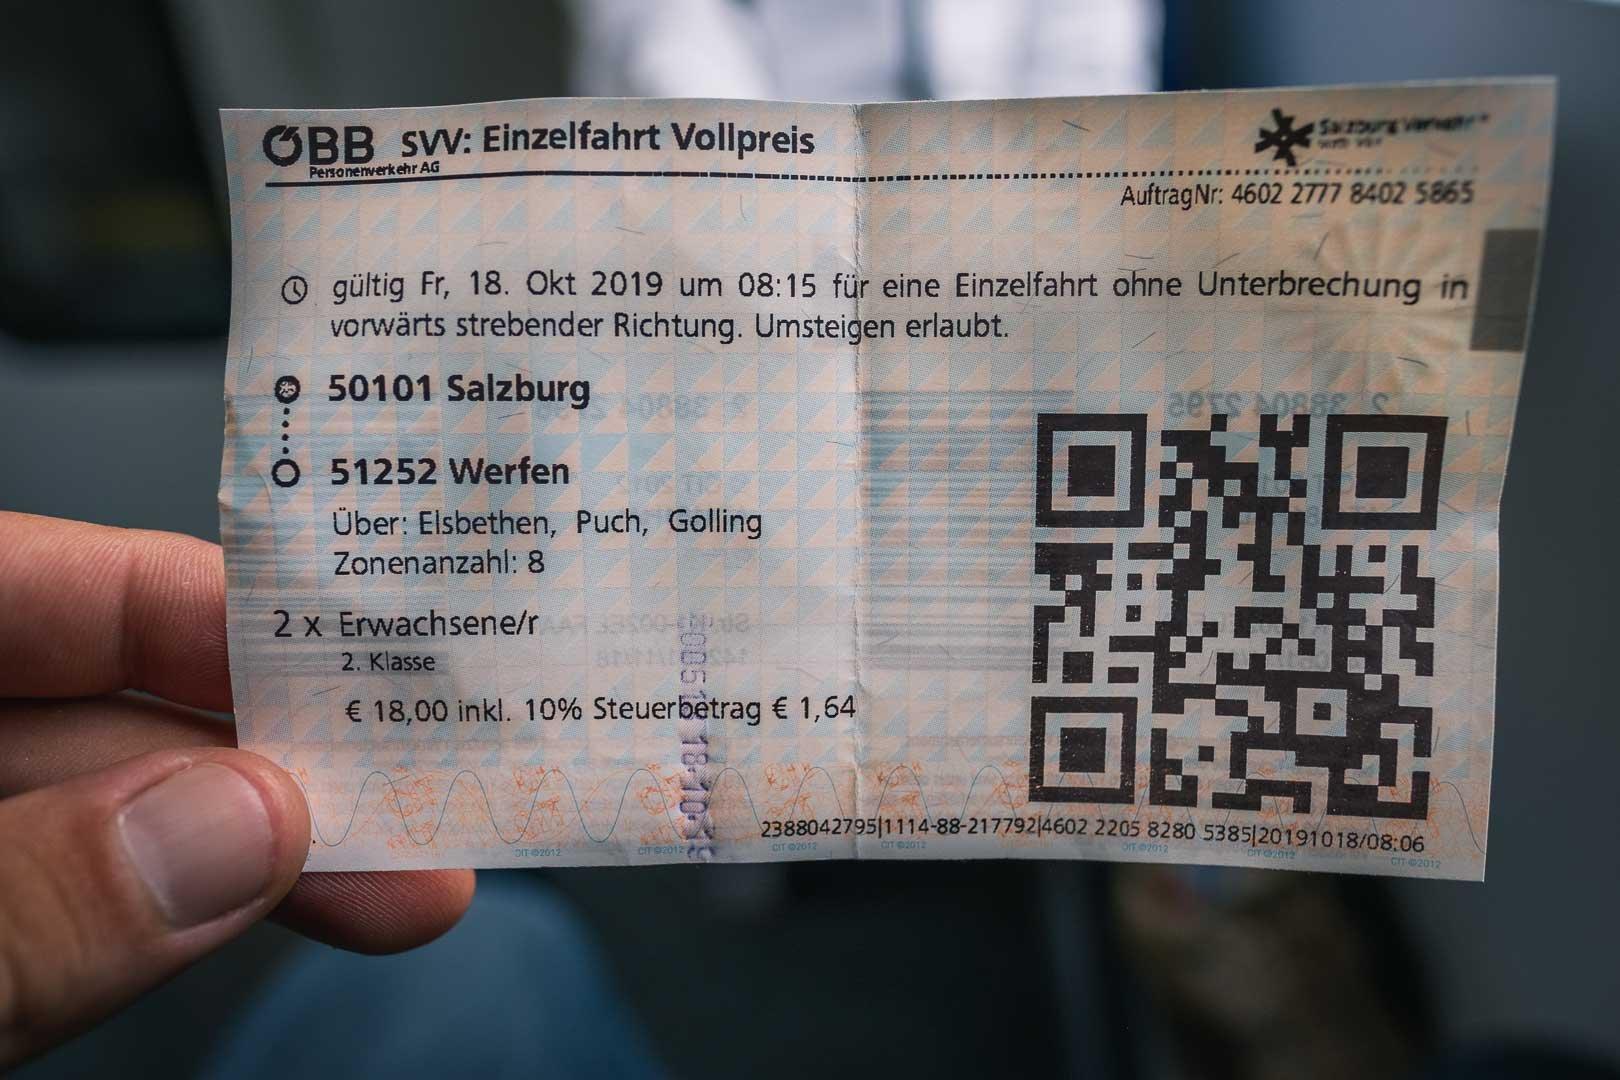 train ticket from Salzburg to Werfen